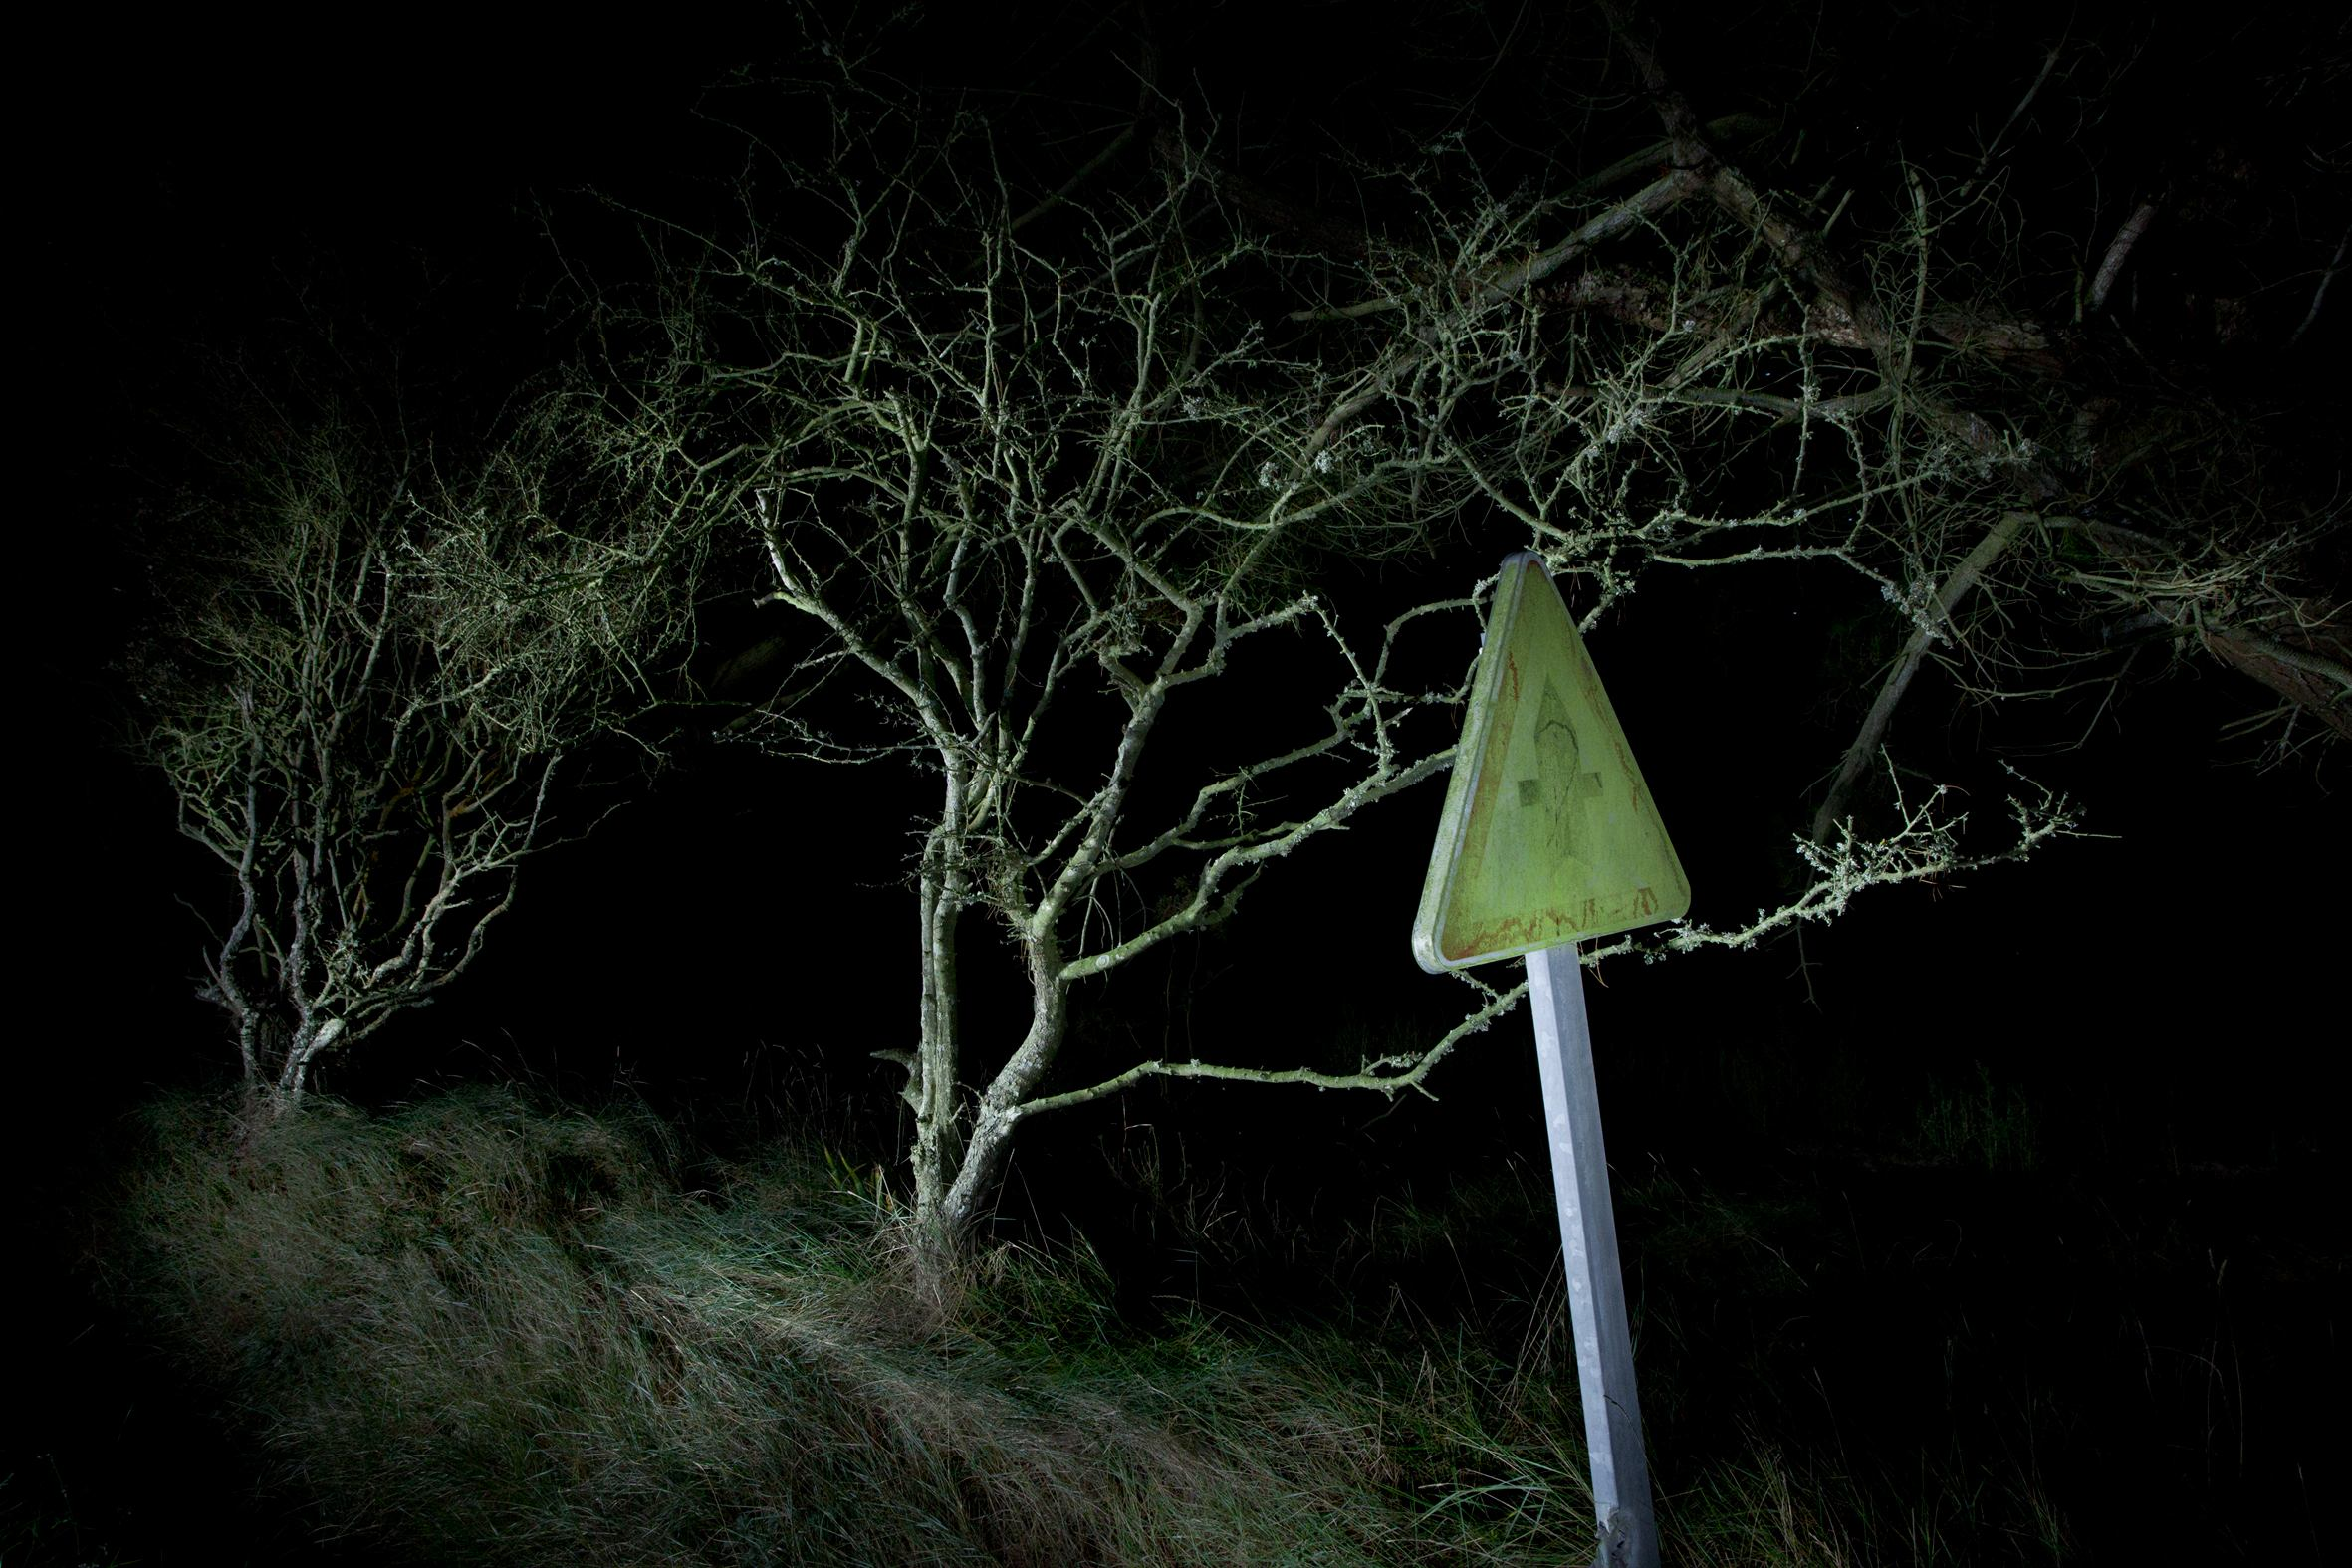 Extrait de la série Nocturnes Végétales